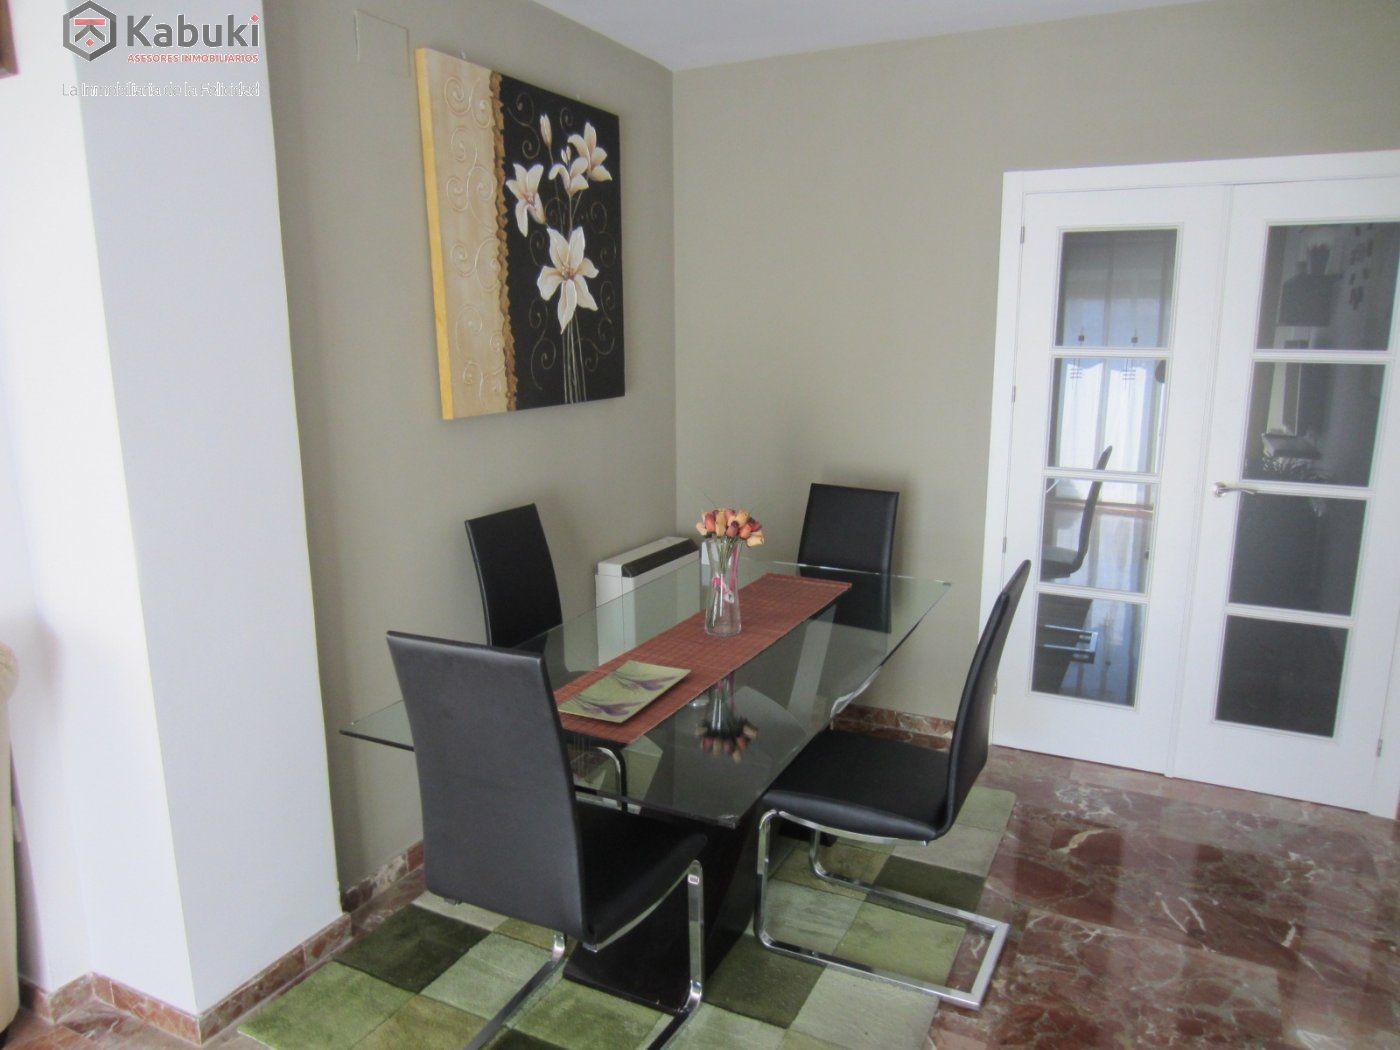 Ático con vistas despejadas en zona residencial, 3 dormitorios, inmejorables calidades - imagenInmueble14